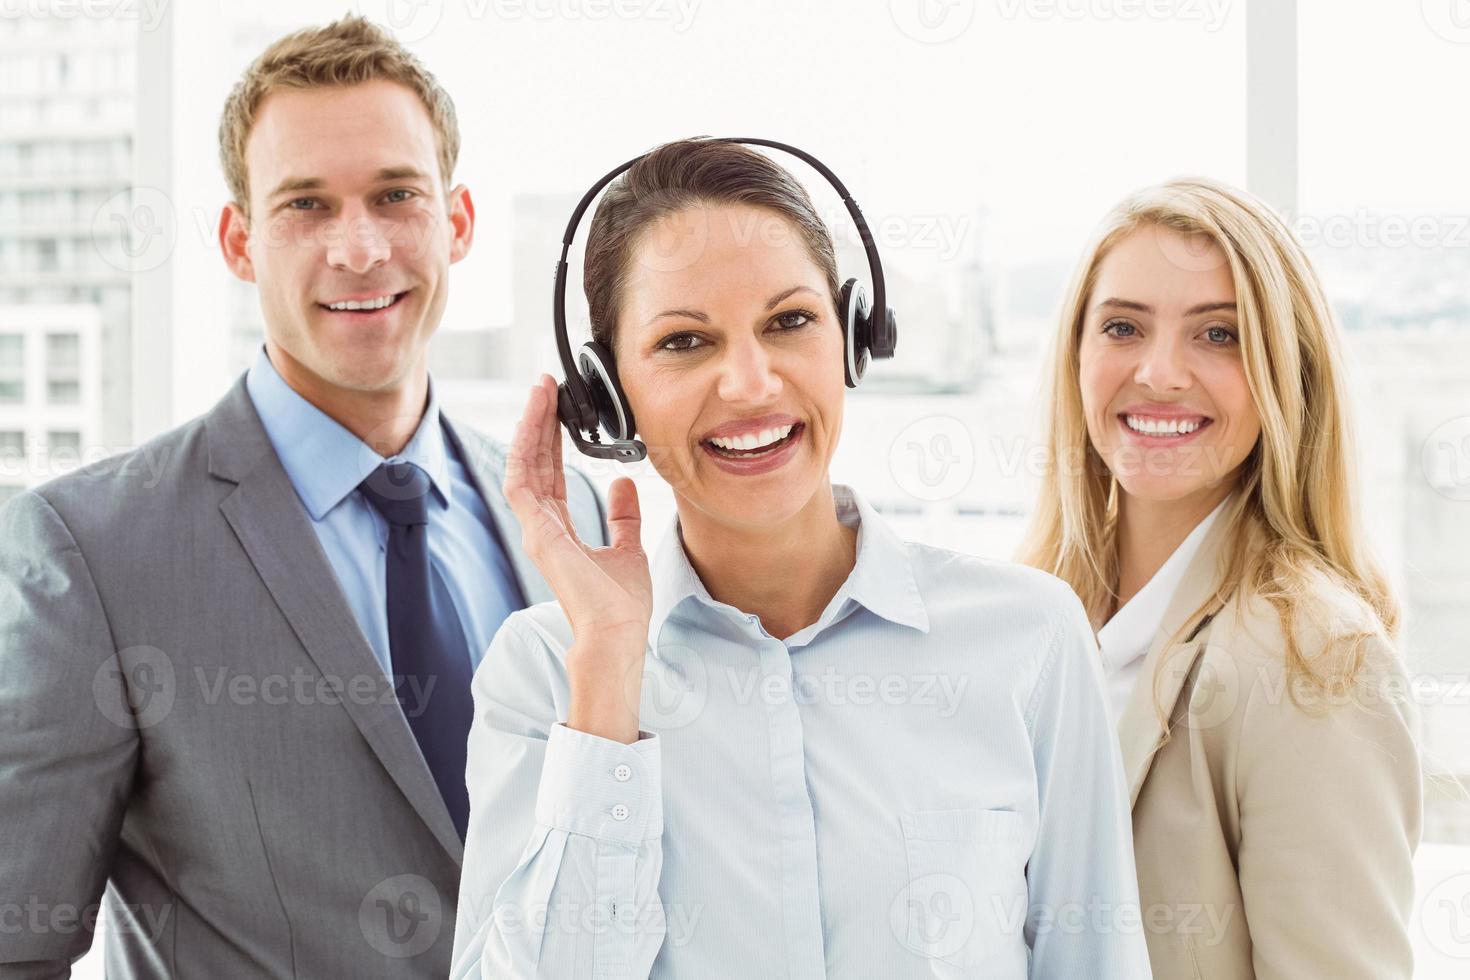 glückliche junge Geschäftsleute im Büro foto